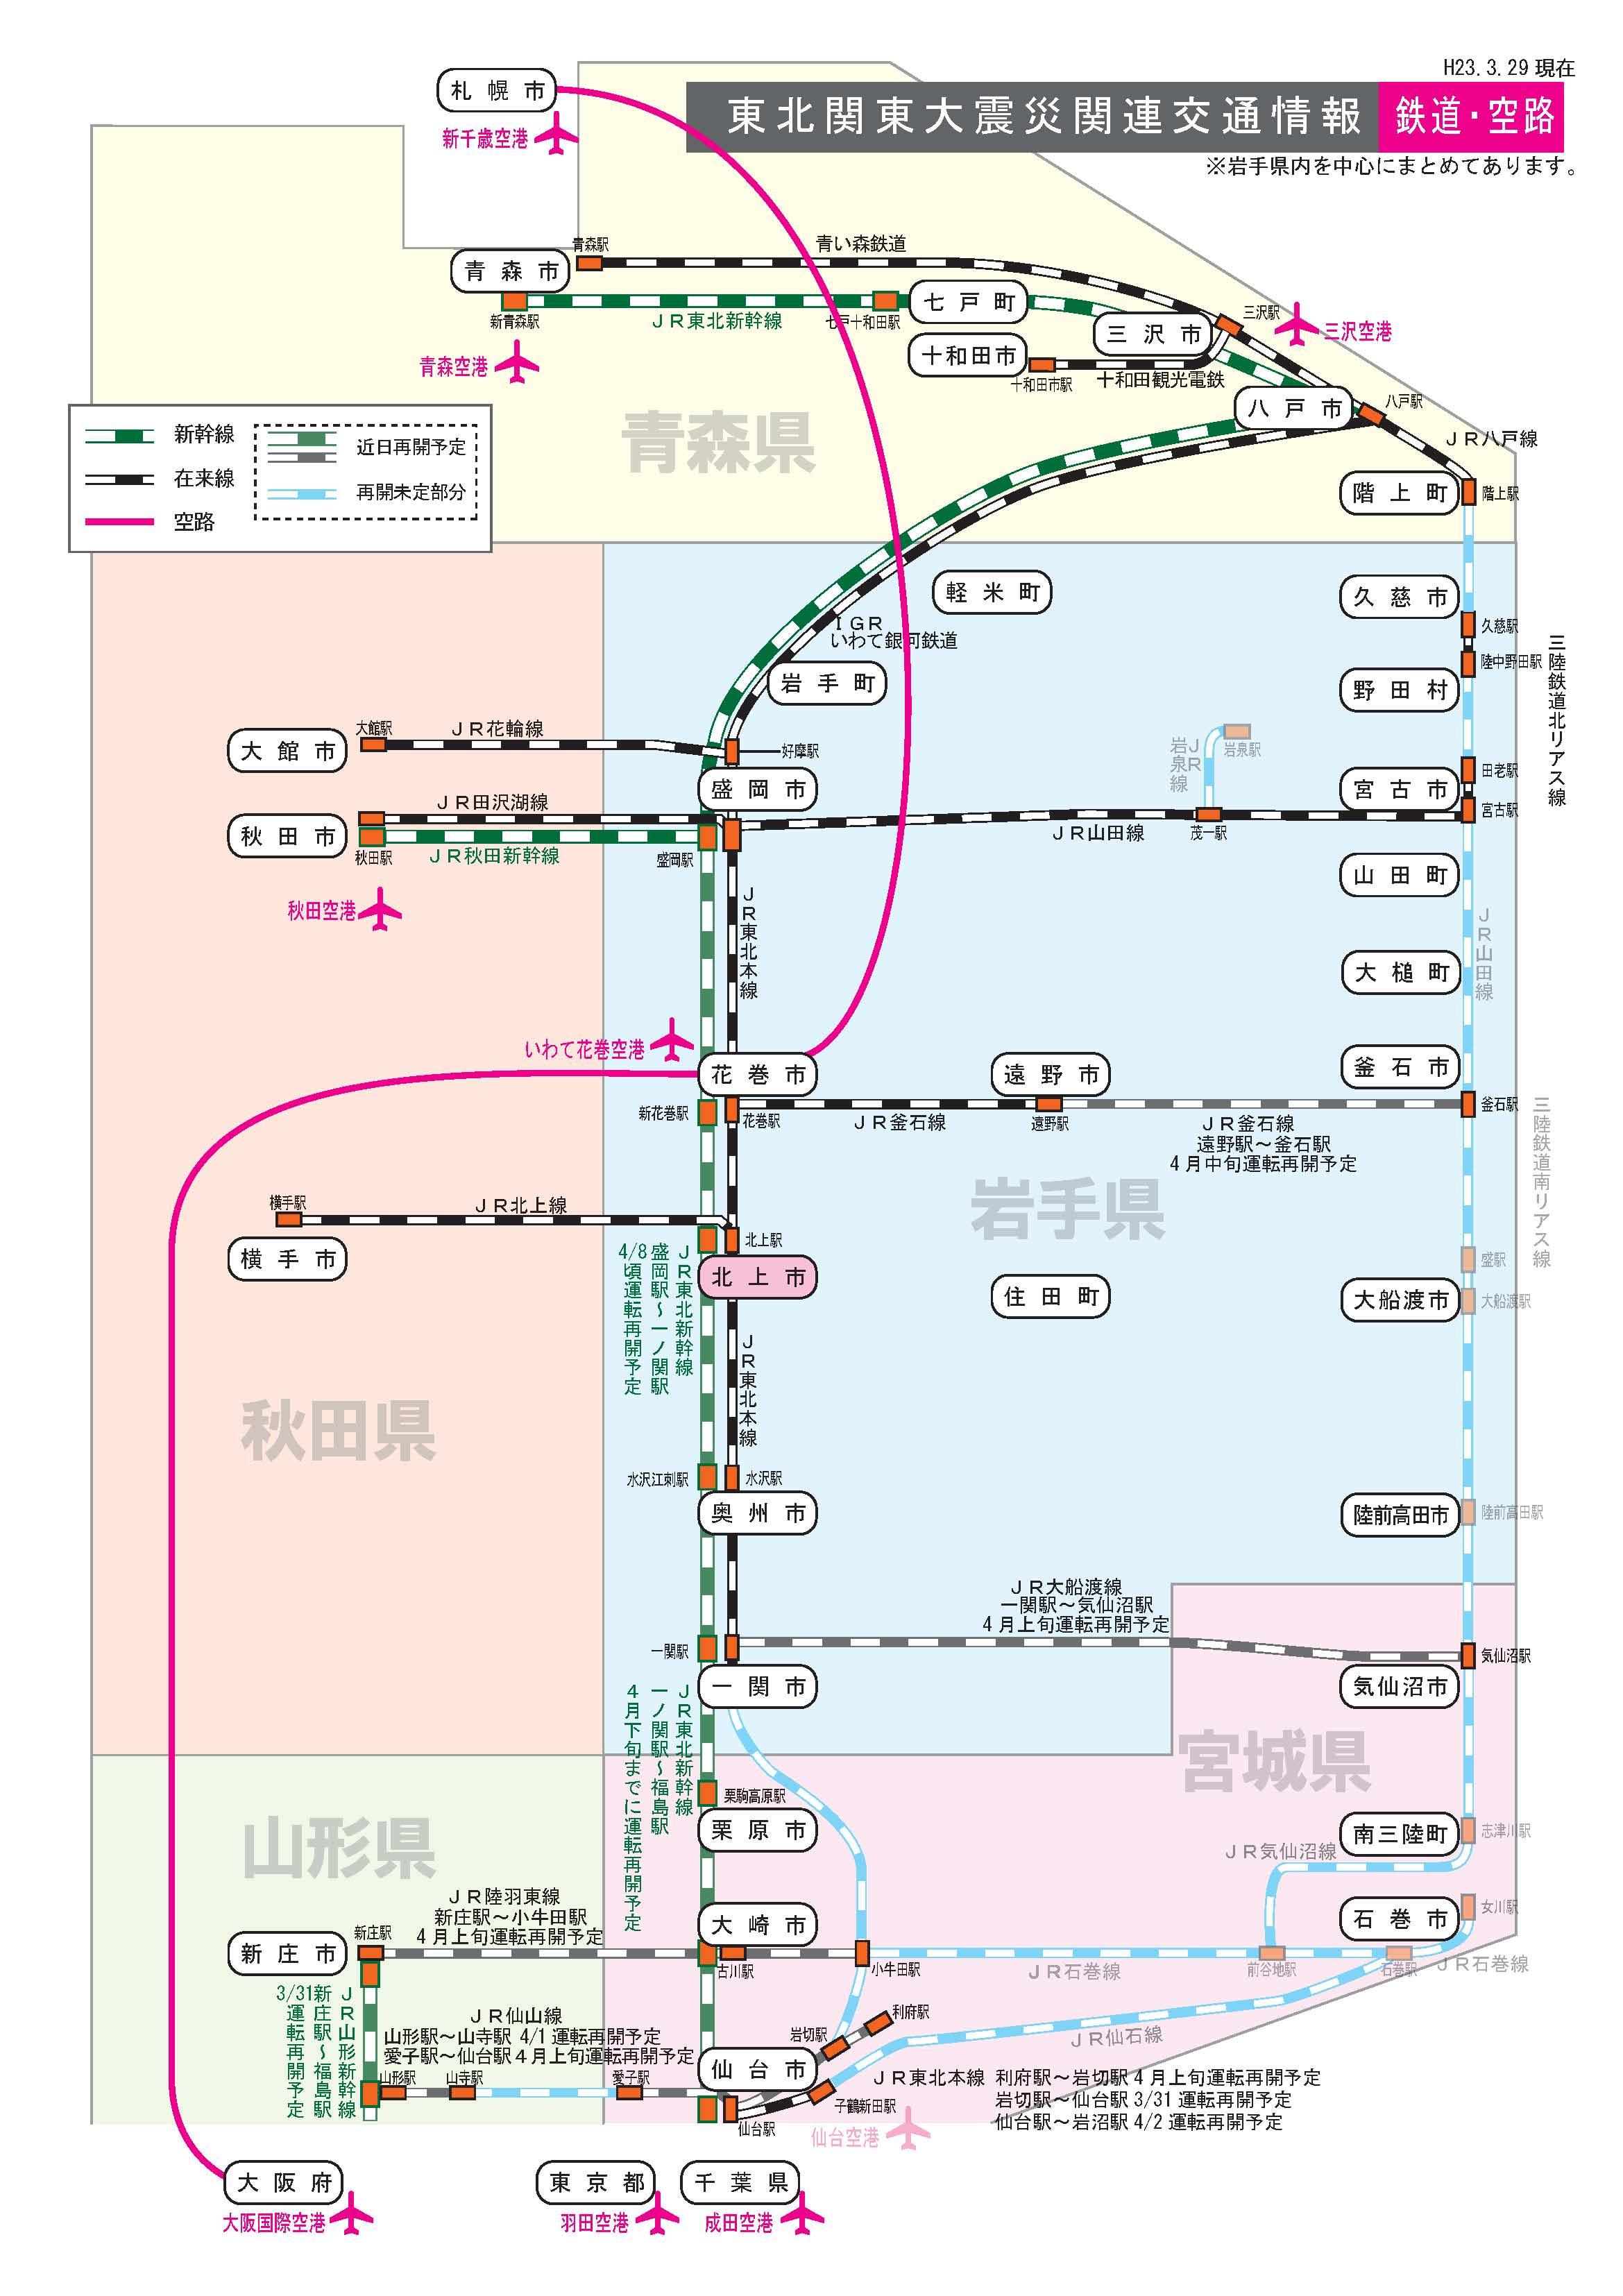 鉄道・道路・空路情報(2011.3.29現在)_d0206420_13201838.jpg